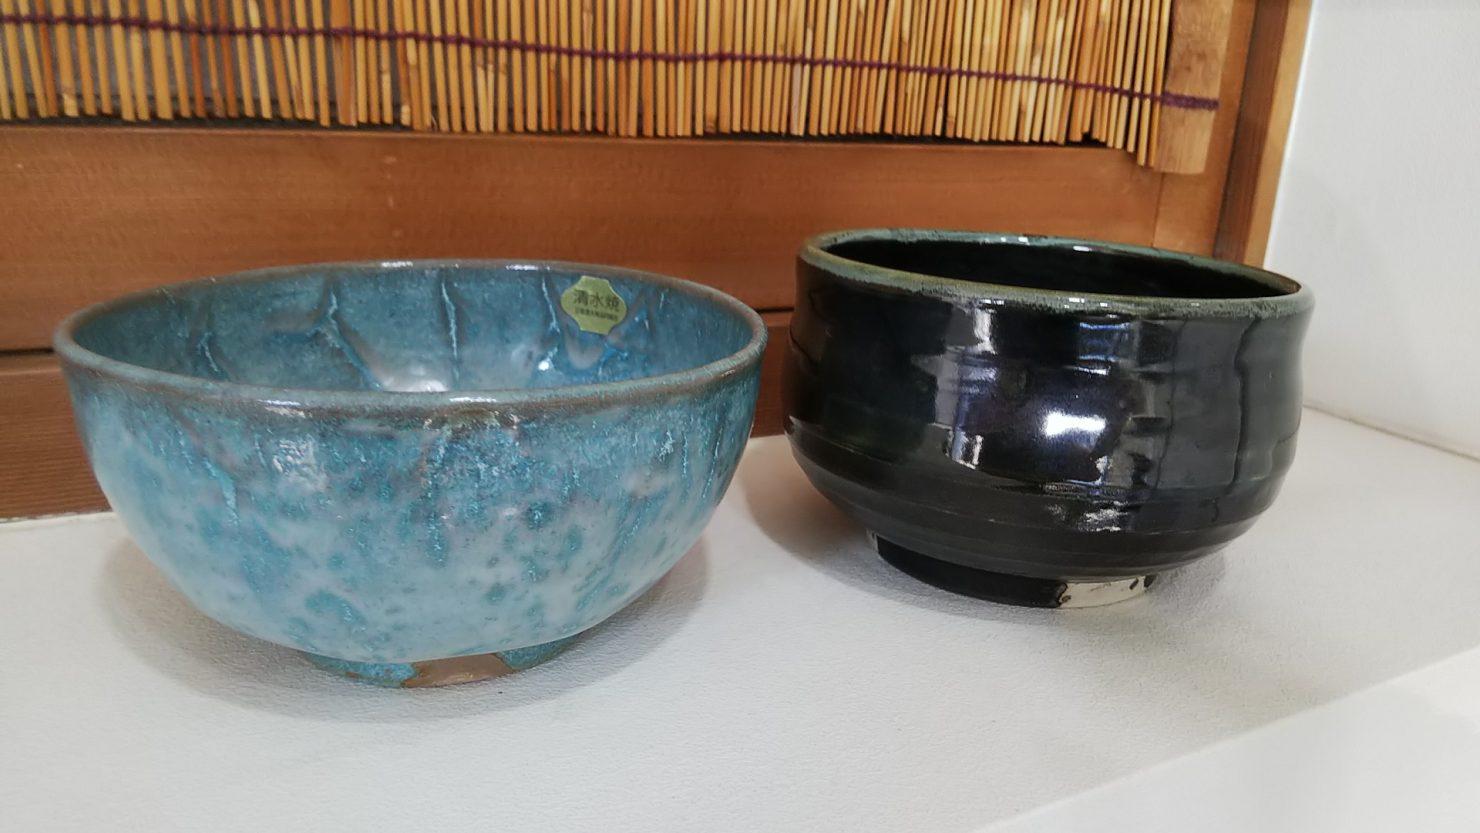 清水焼 彩雲窯の写真2